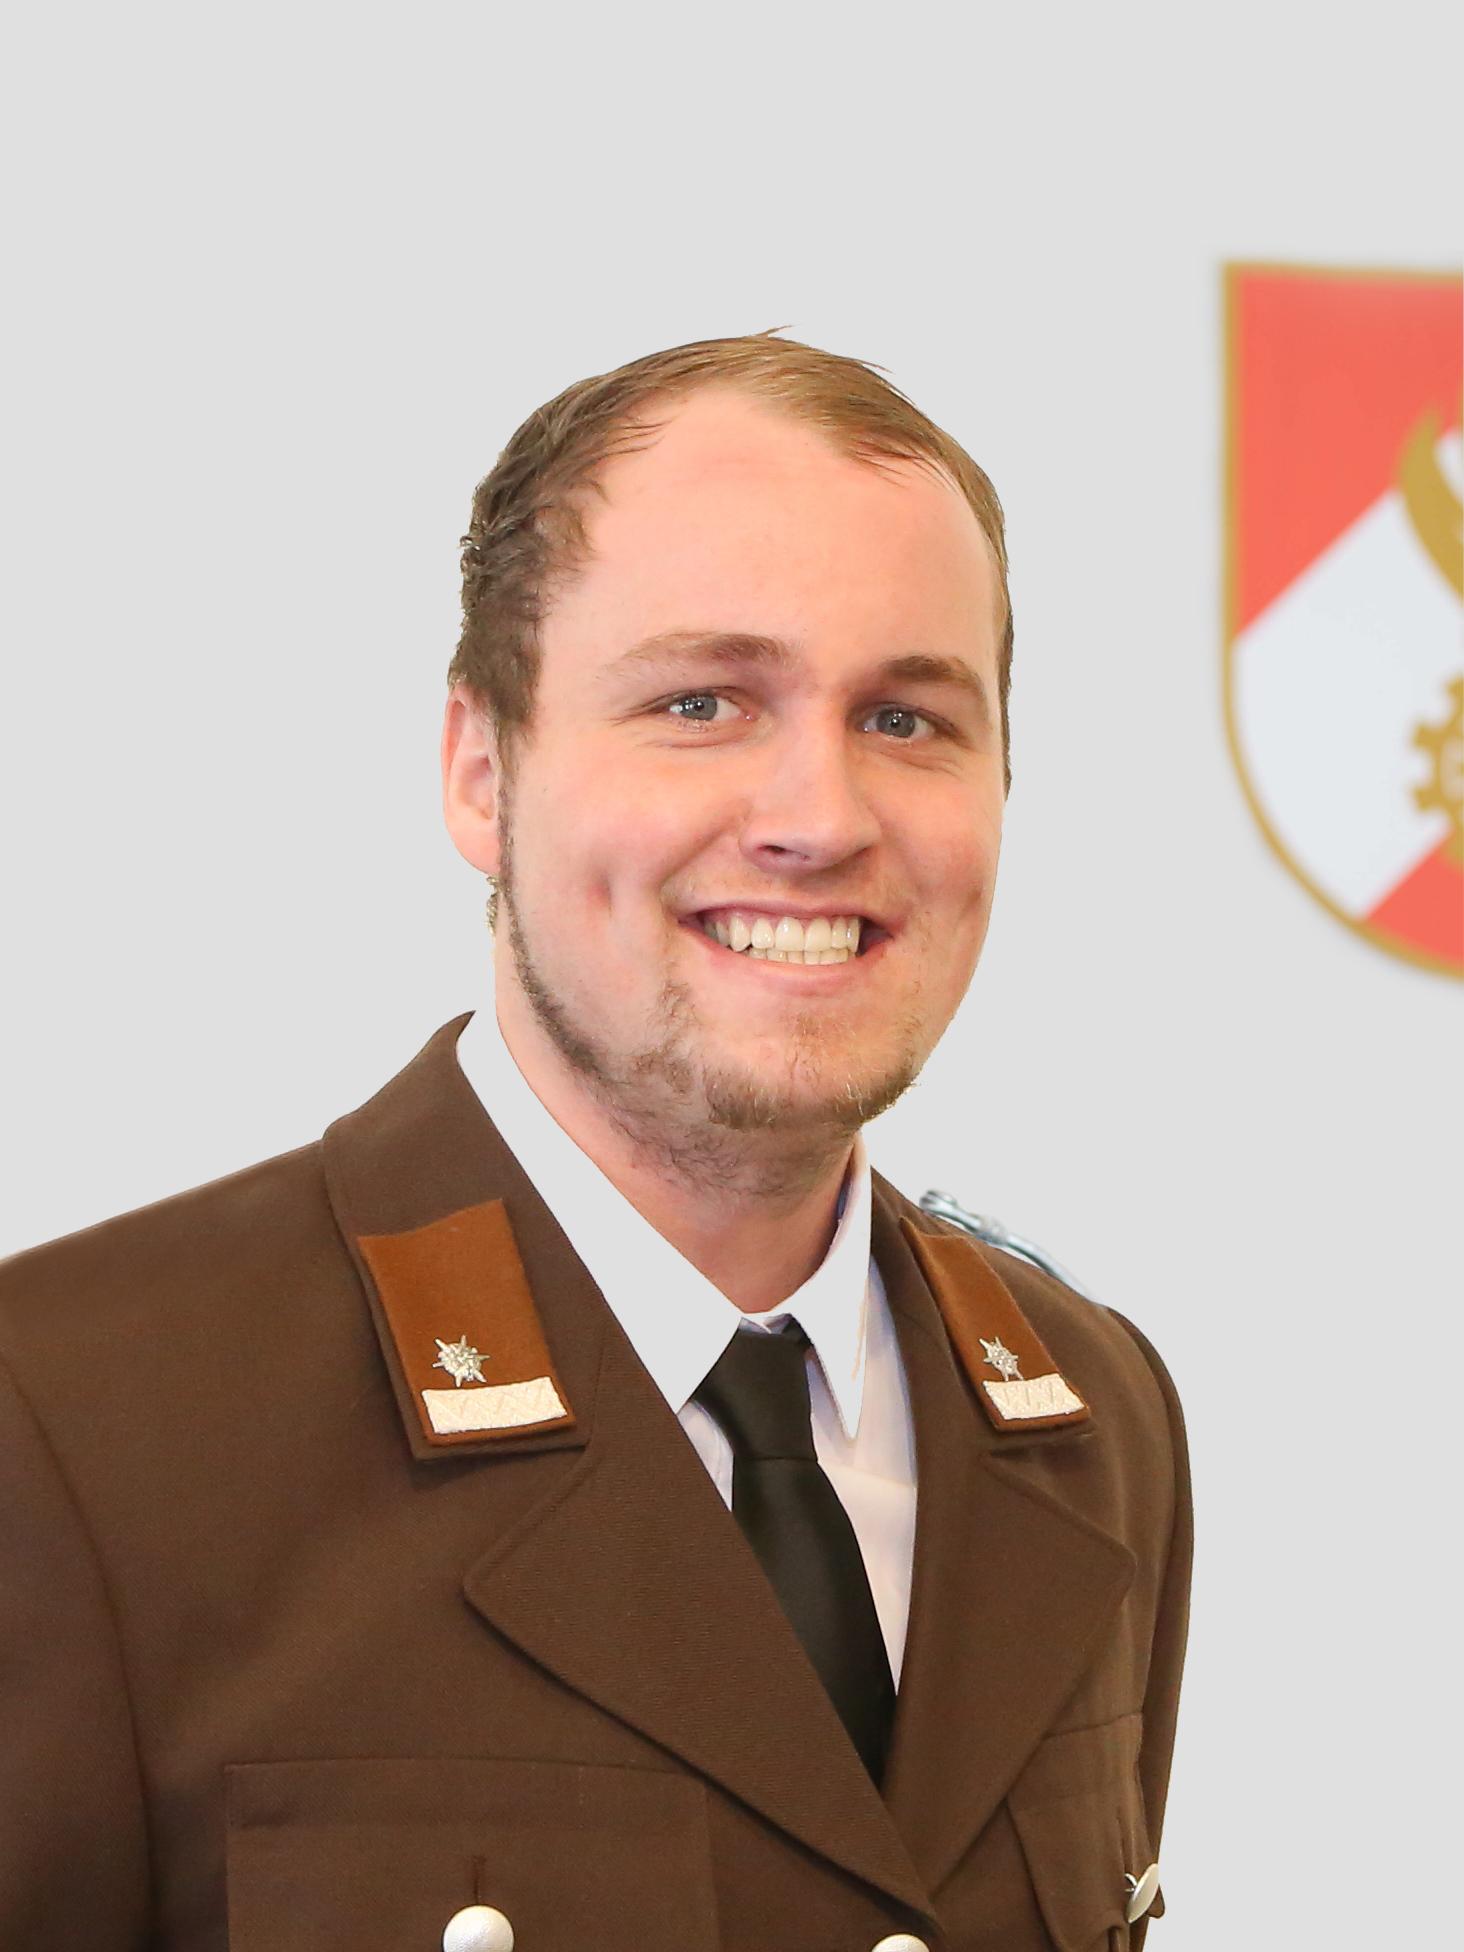 Stefan Danglmaier